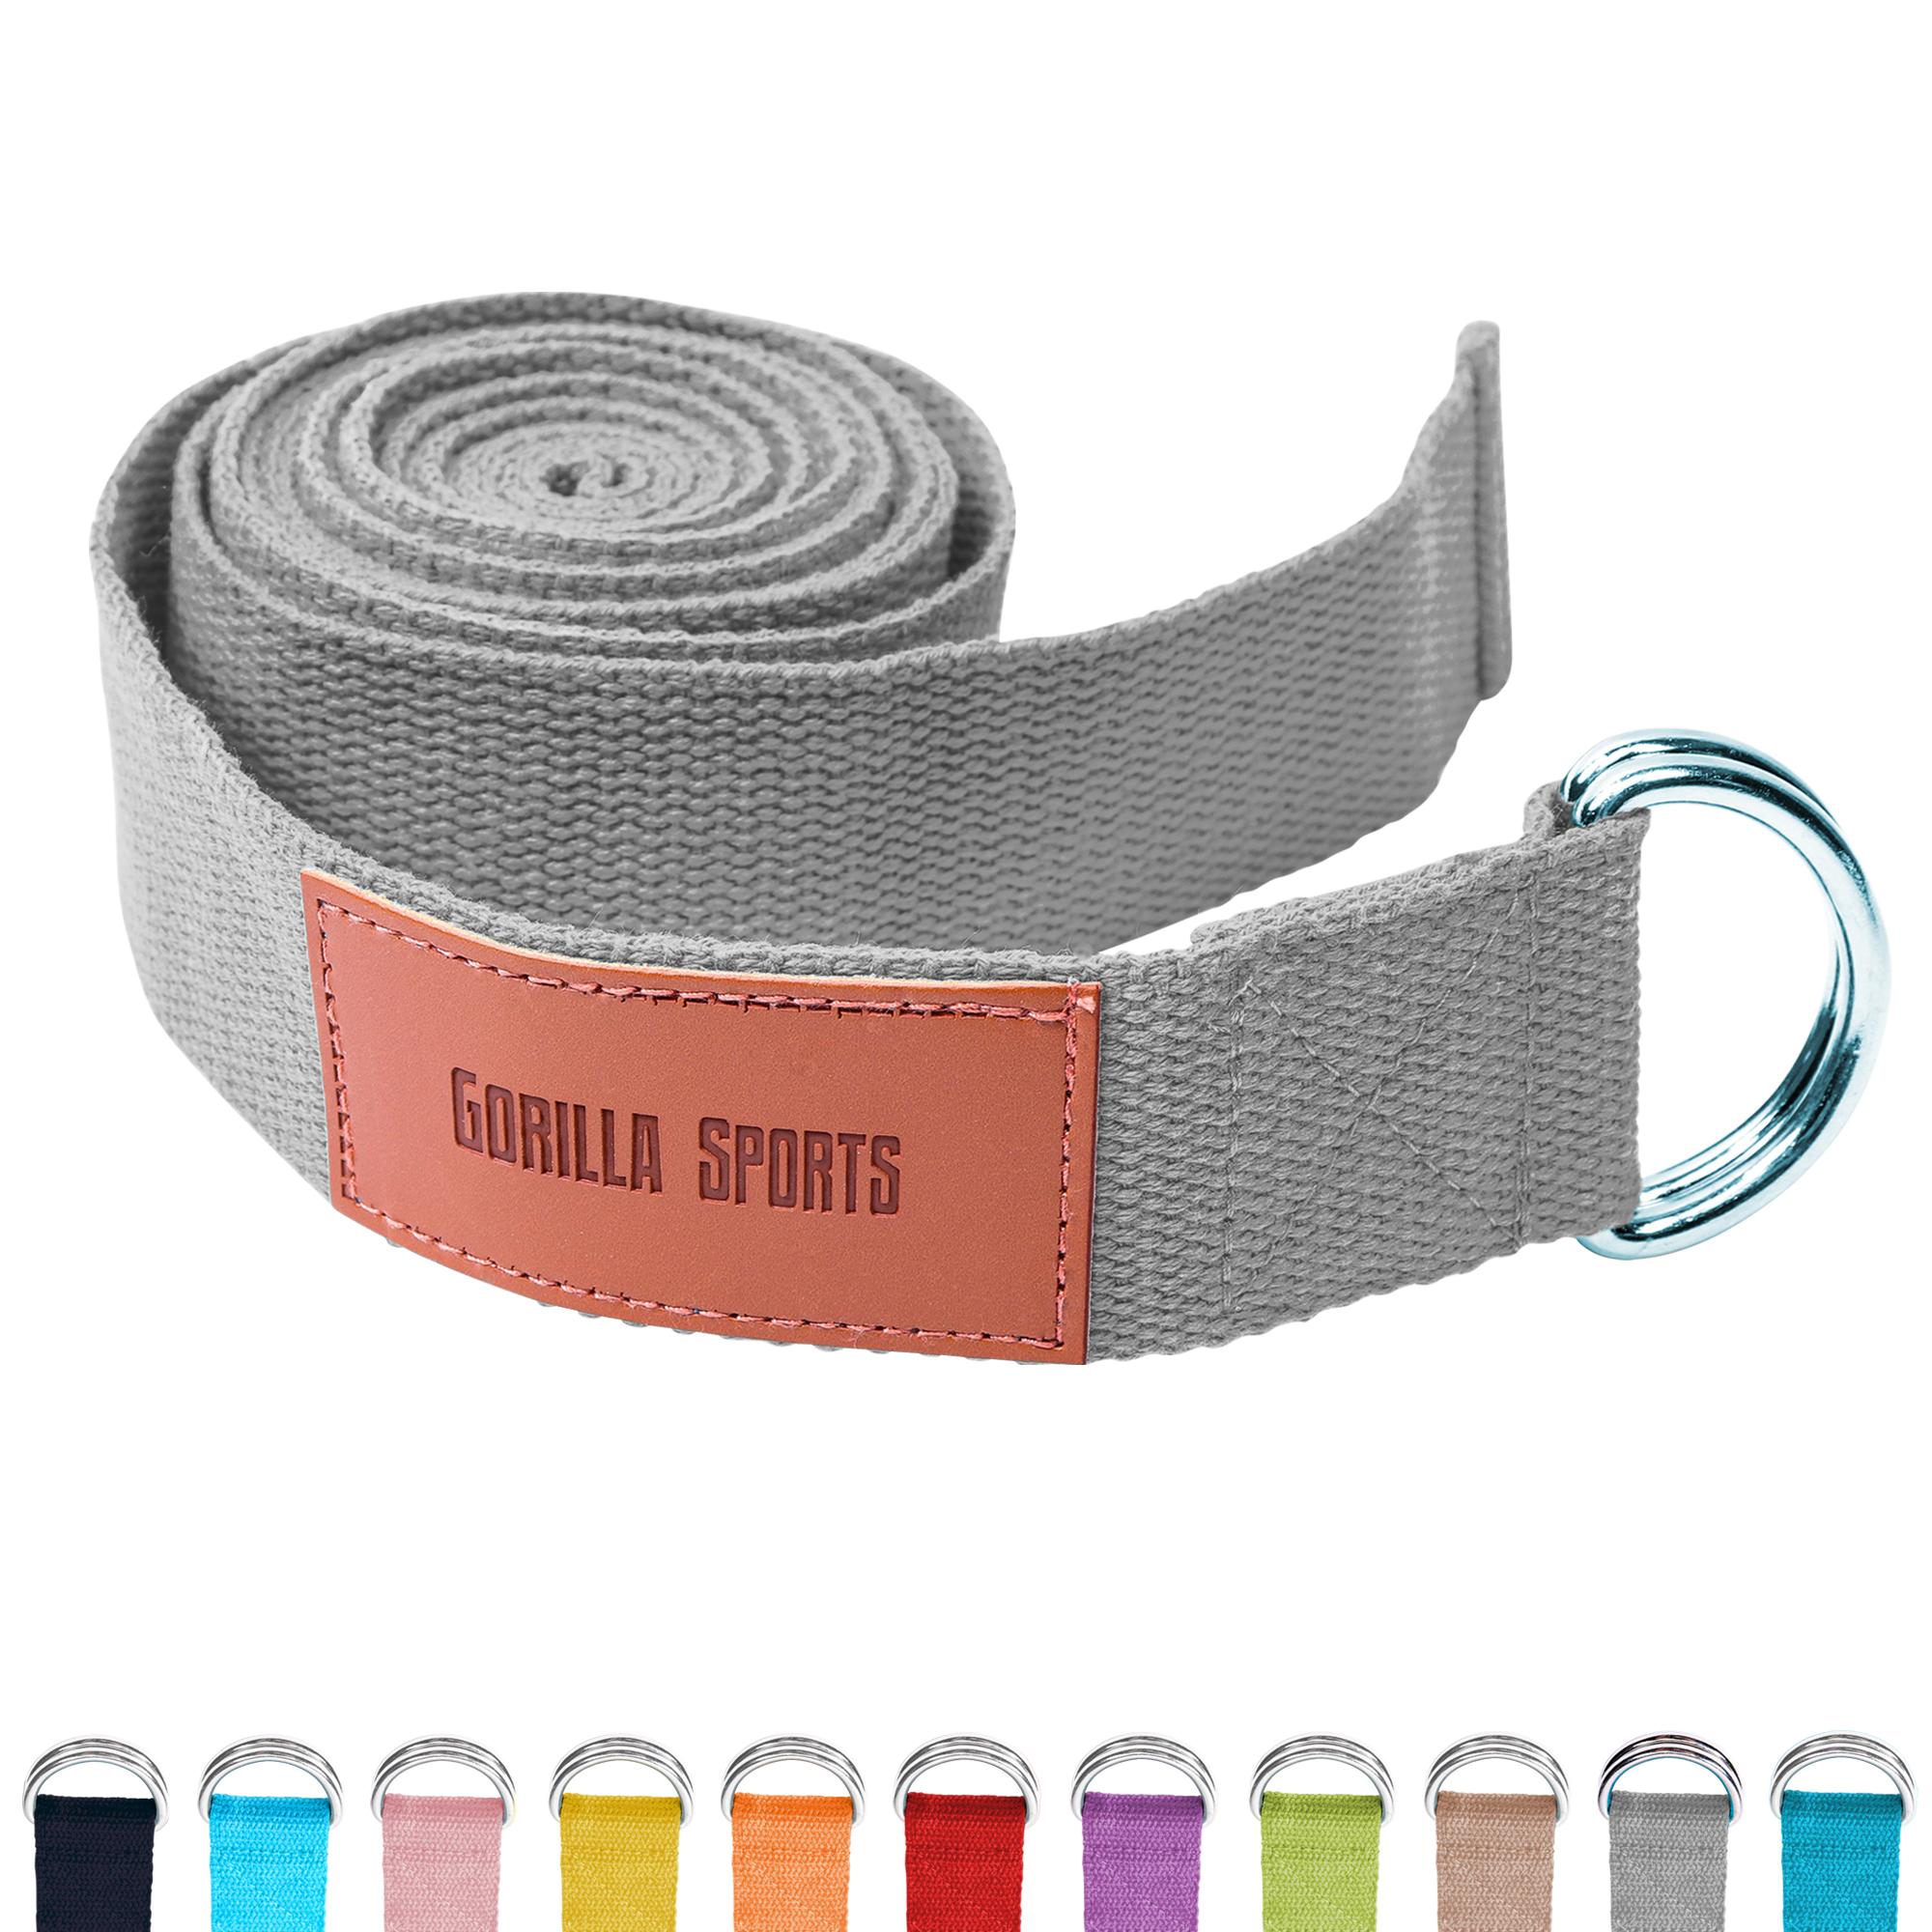 Gorilla Sports Yogagurt Grau 260 x 3,8 cm 101048-00033-0219